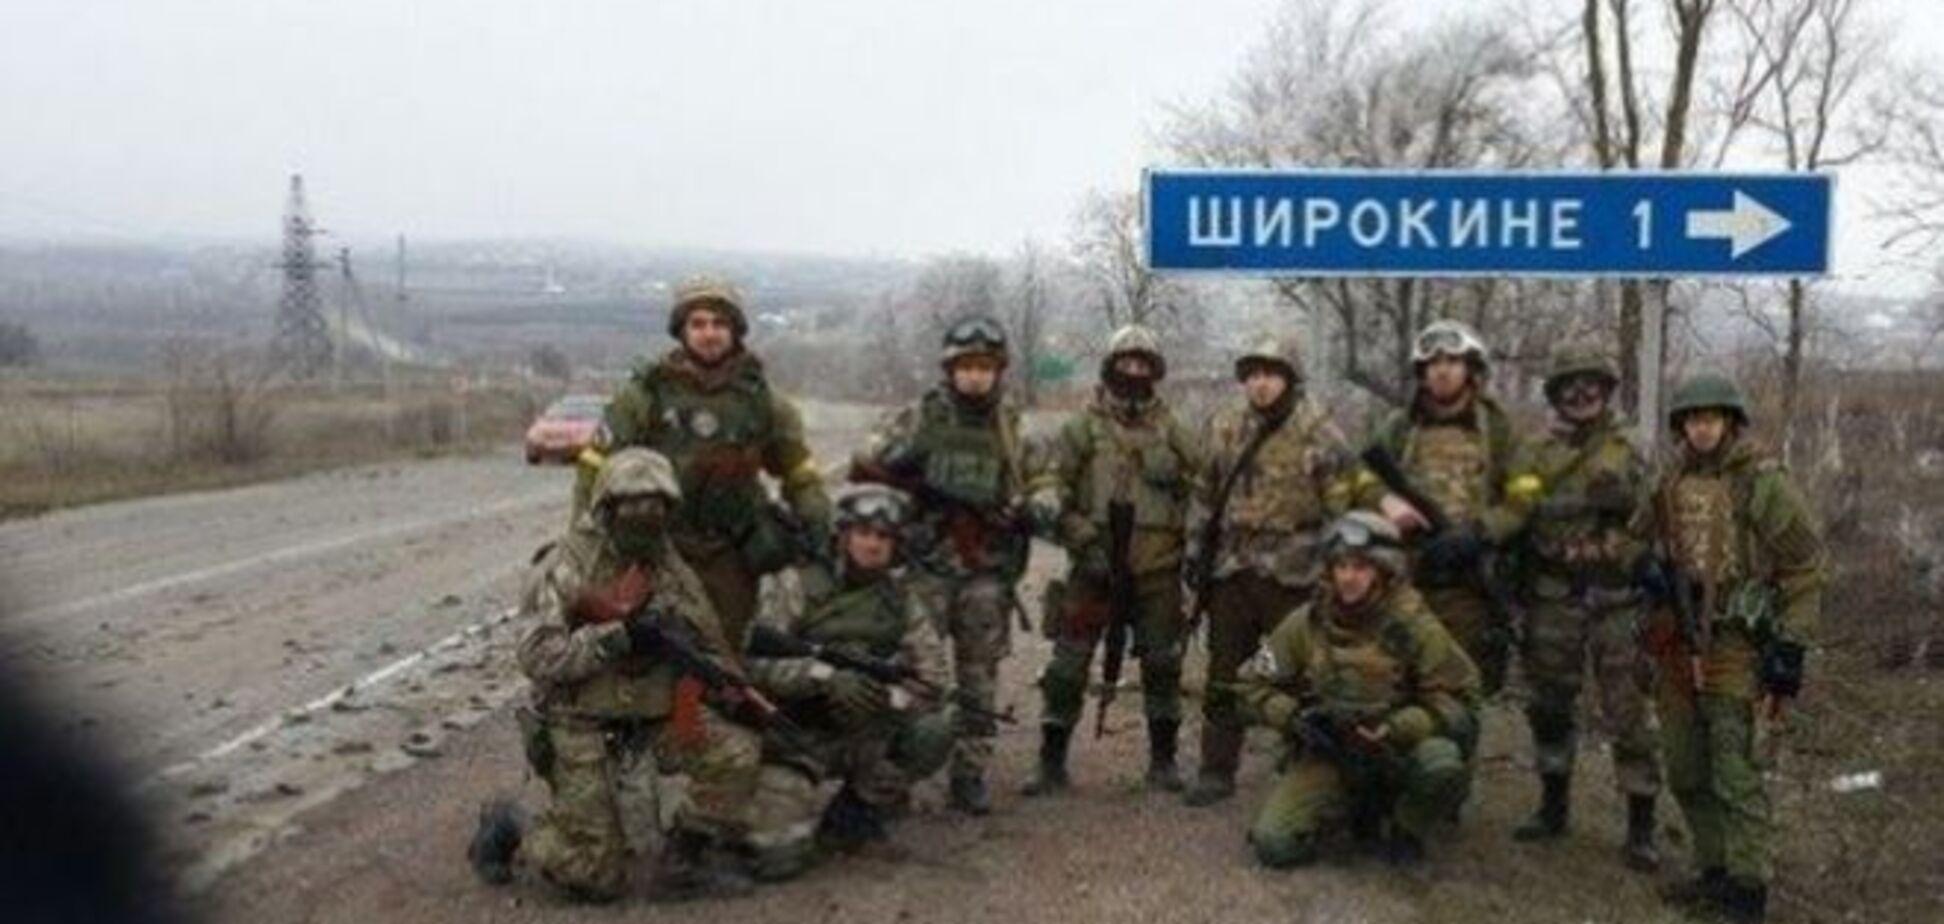 'Демилитаризация' Широкино - тактическая ошибка